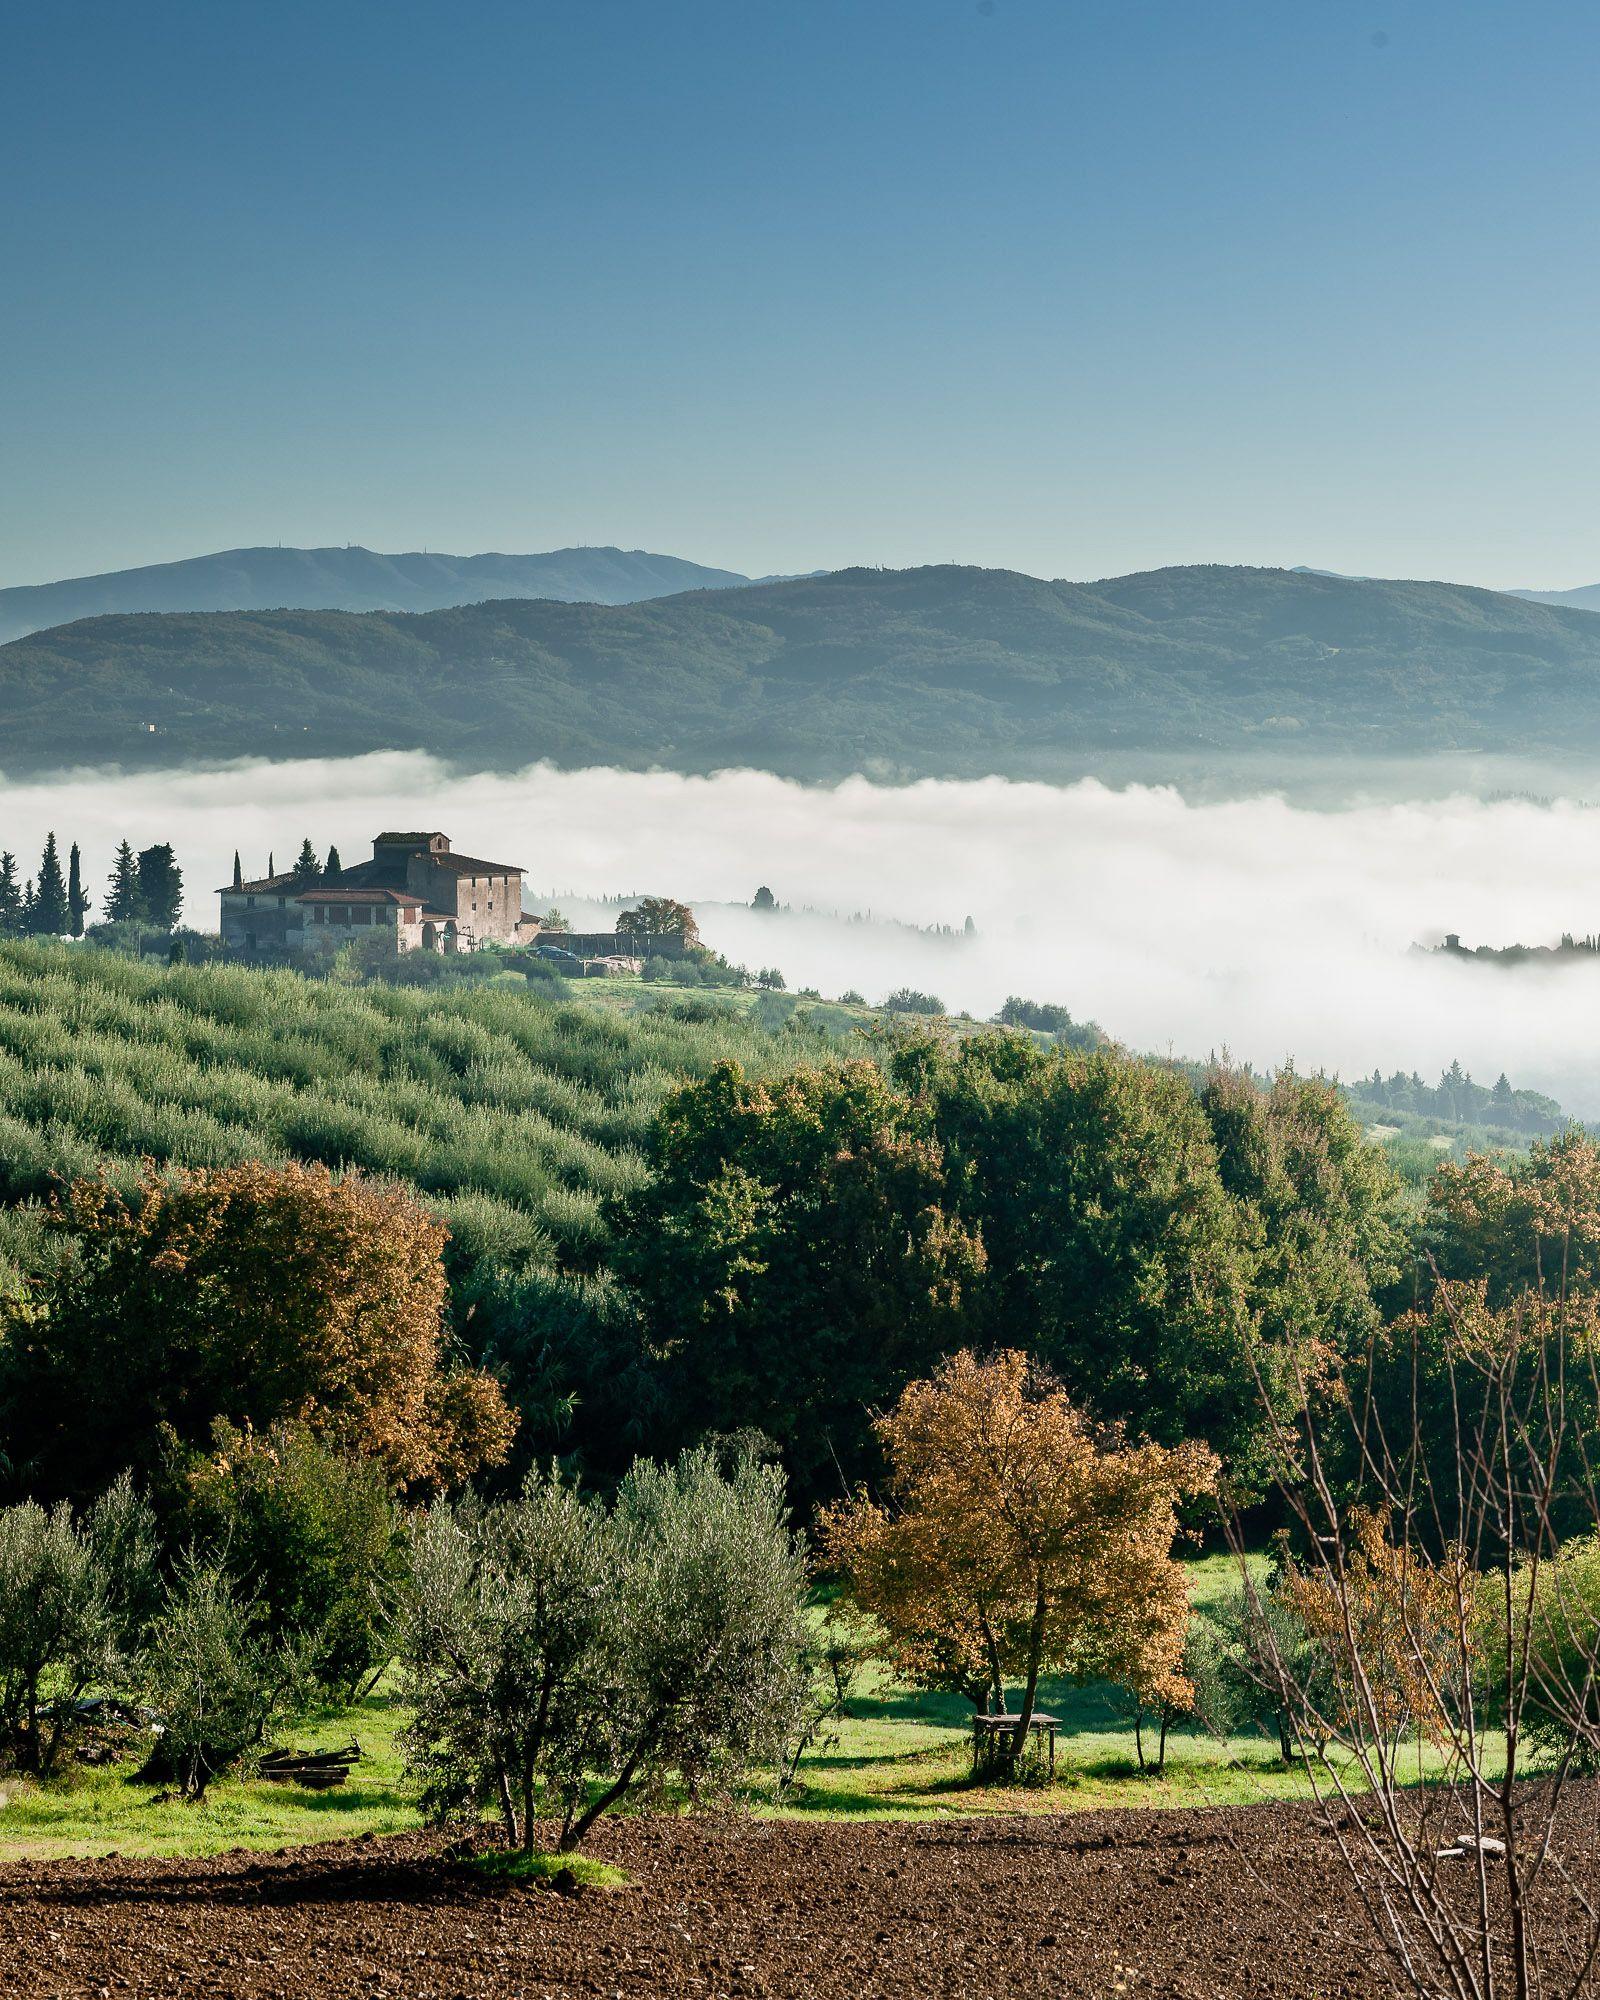 Impruneta - Il fuoco dell'Impruneta: un racconto di Marco Vichi - Toscana Ovunque Bella